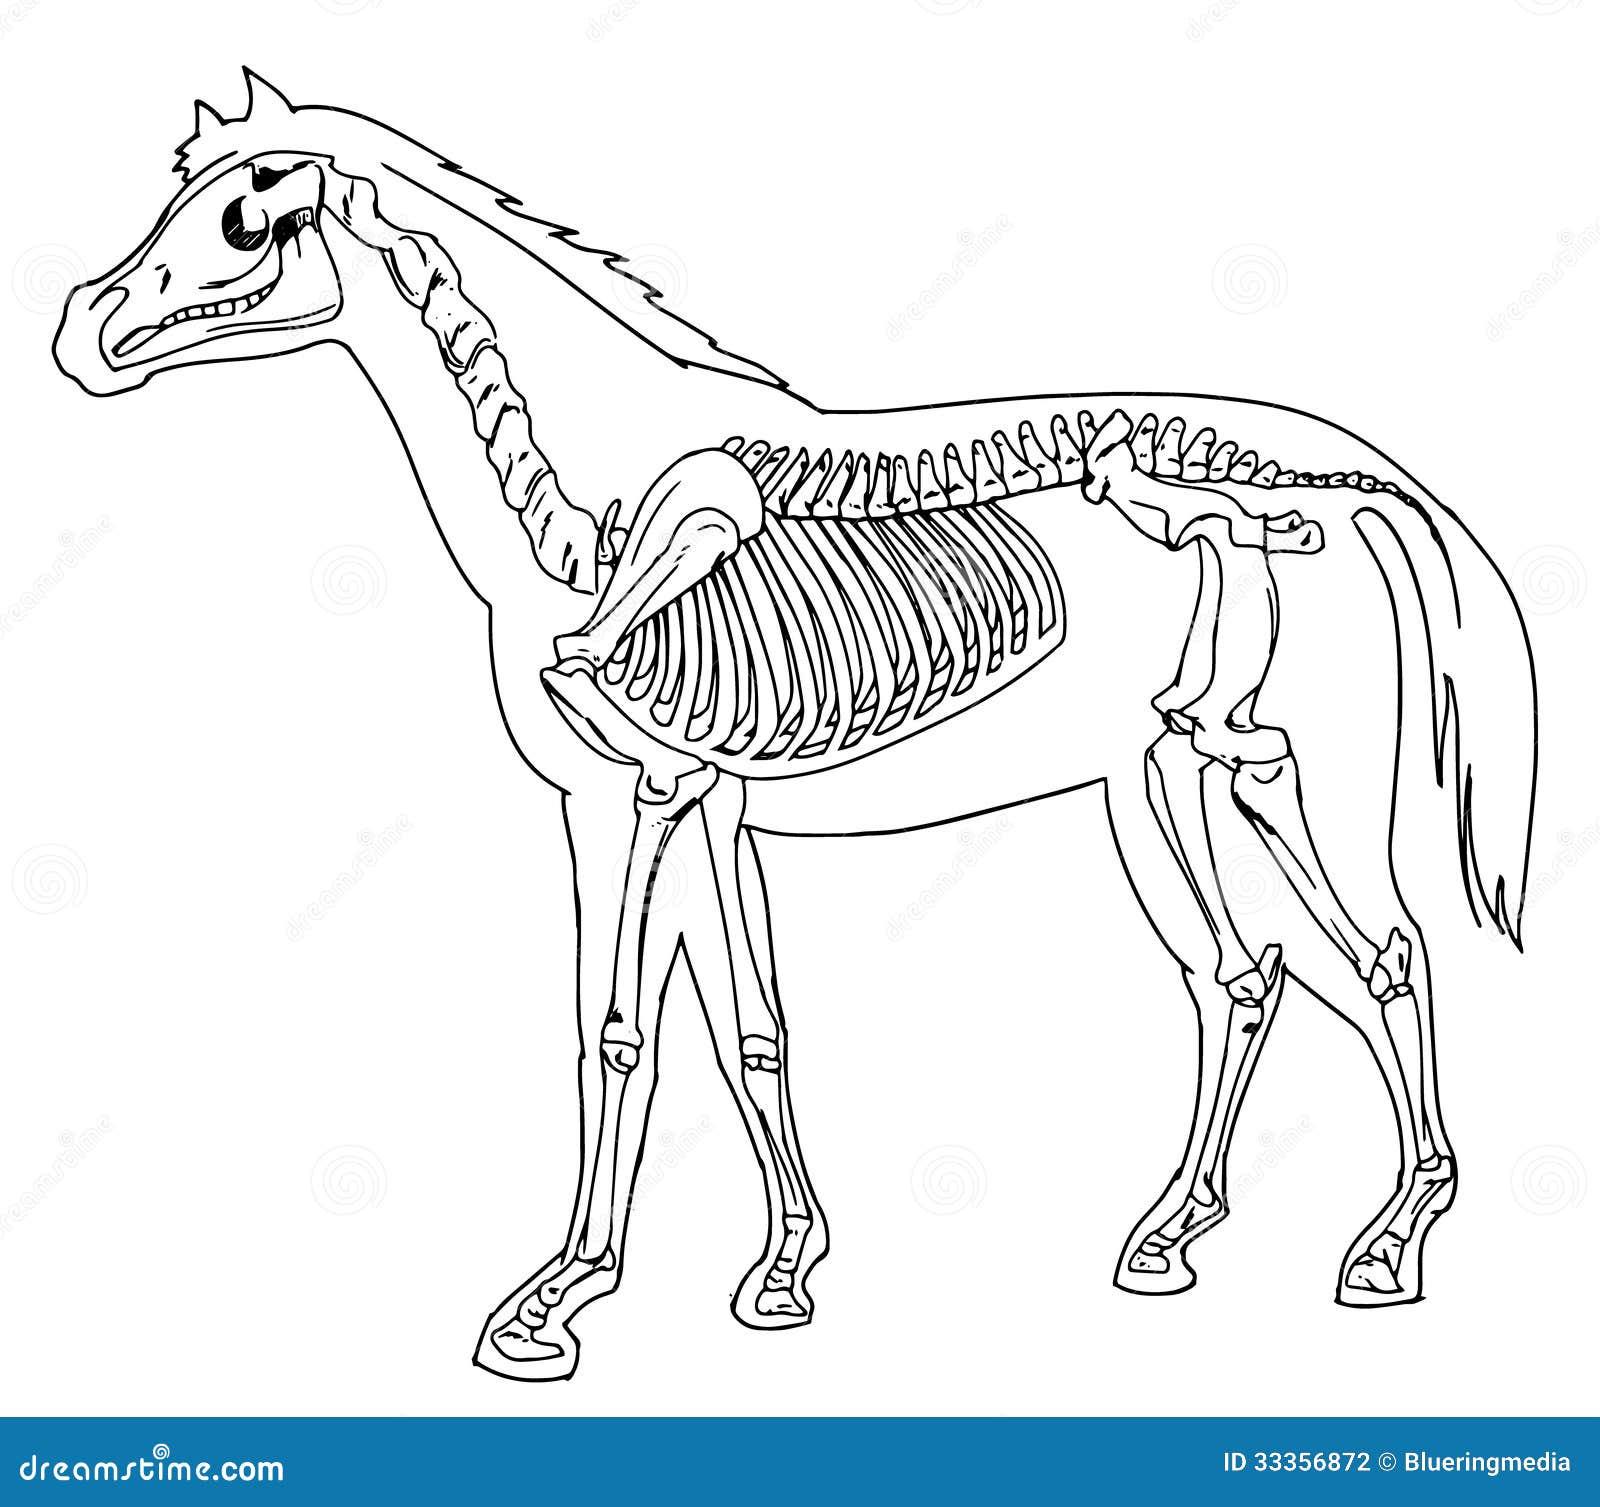 Fantástico Anatomía Del Esqueleto Del Caballo Cresta - Anatomía de ...